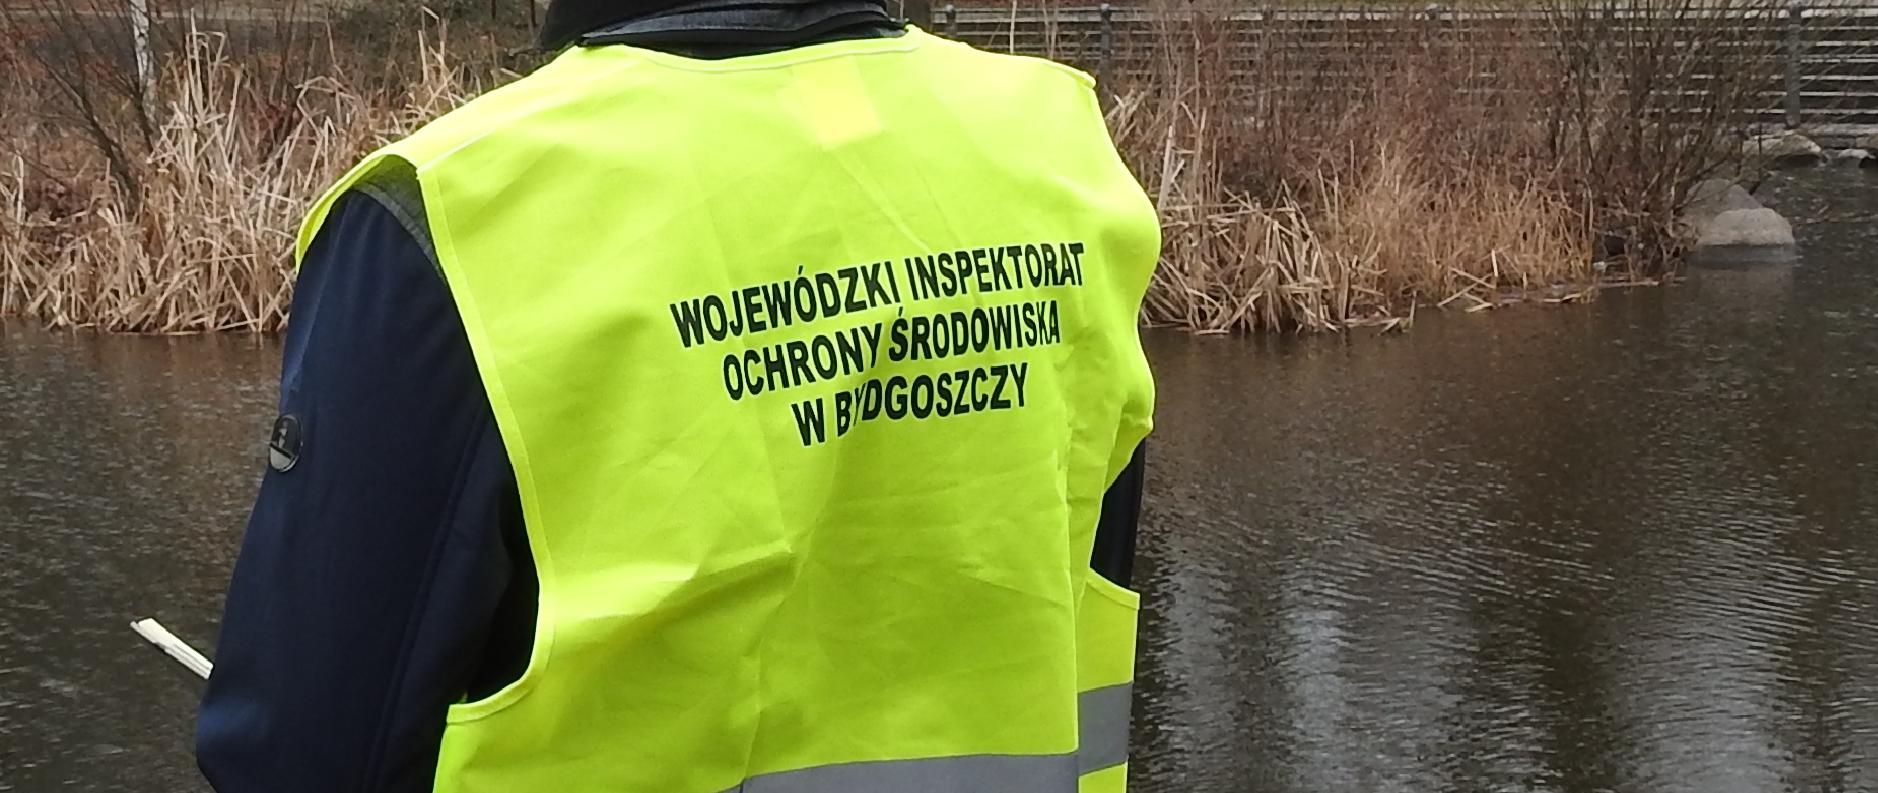 Kontrola interwencyjna oczyszczalni ścieków  eksploatowanej przez Zakład Gospodarki Komunalnej w Złotnikach Kujawskich